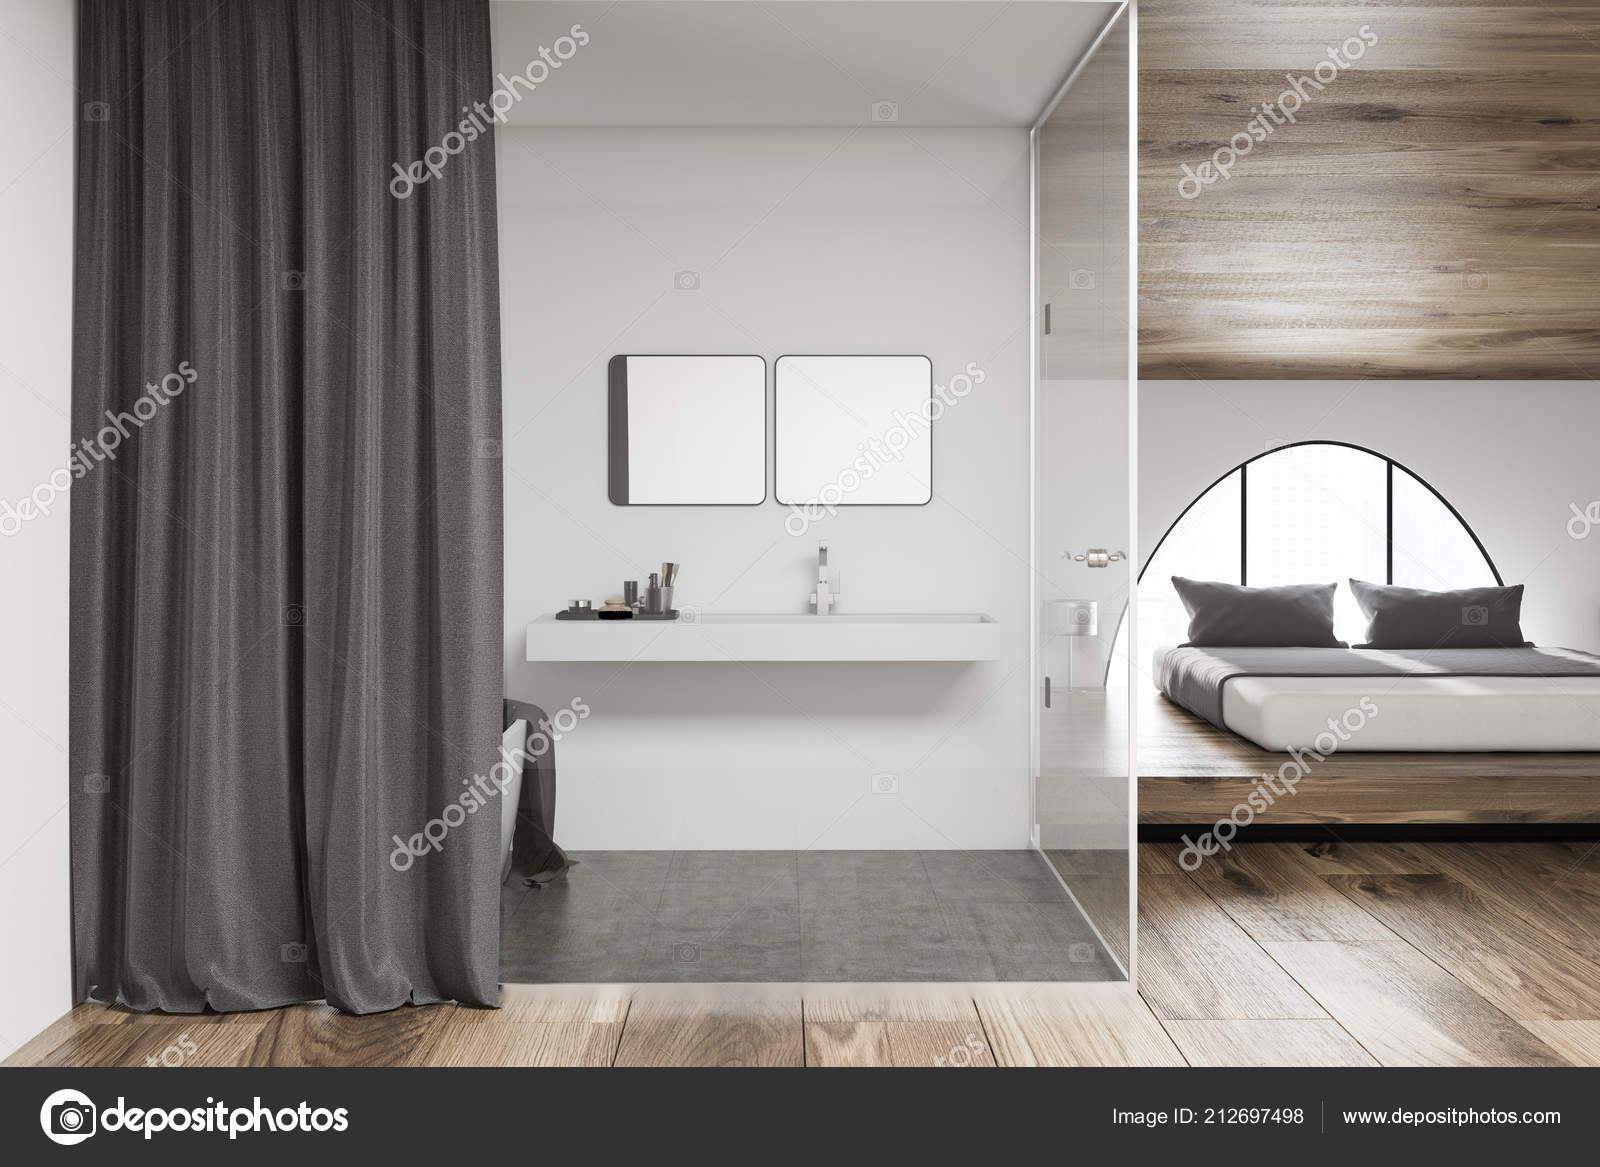 Modern Badkamer Interieur : Interieur van moderne badkamer met grijze gordijn wastafel met